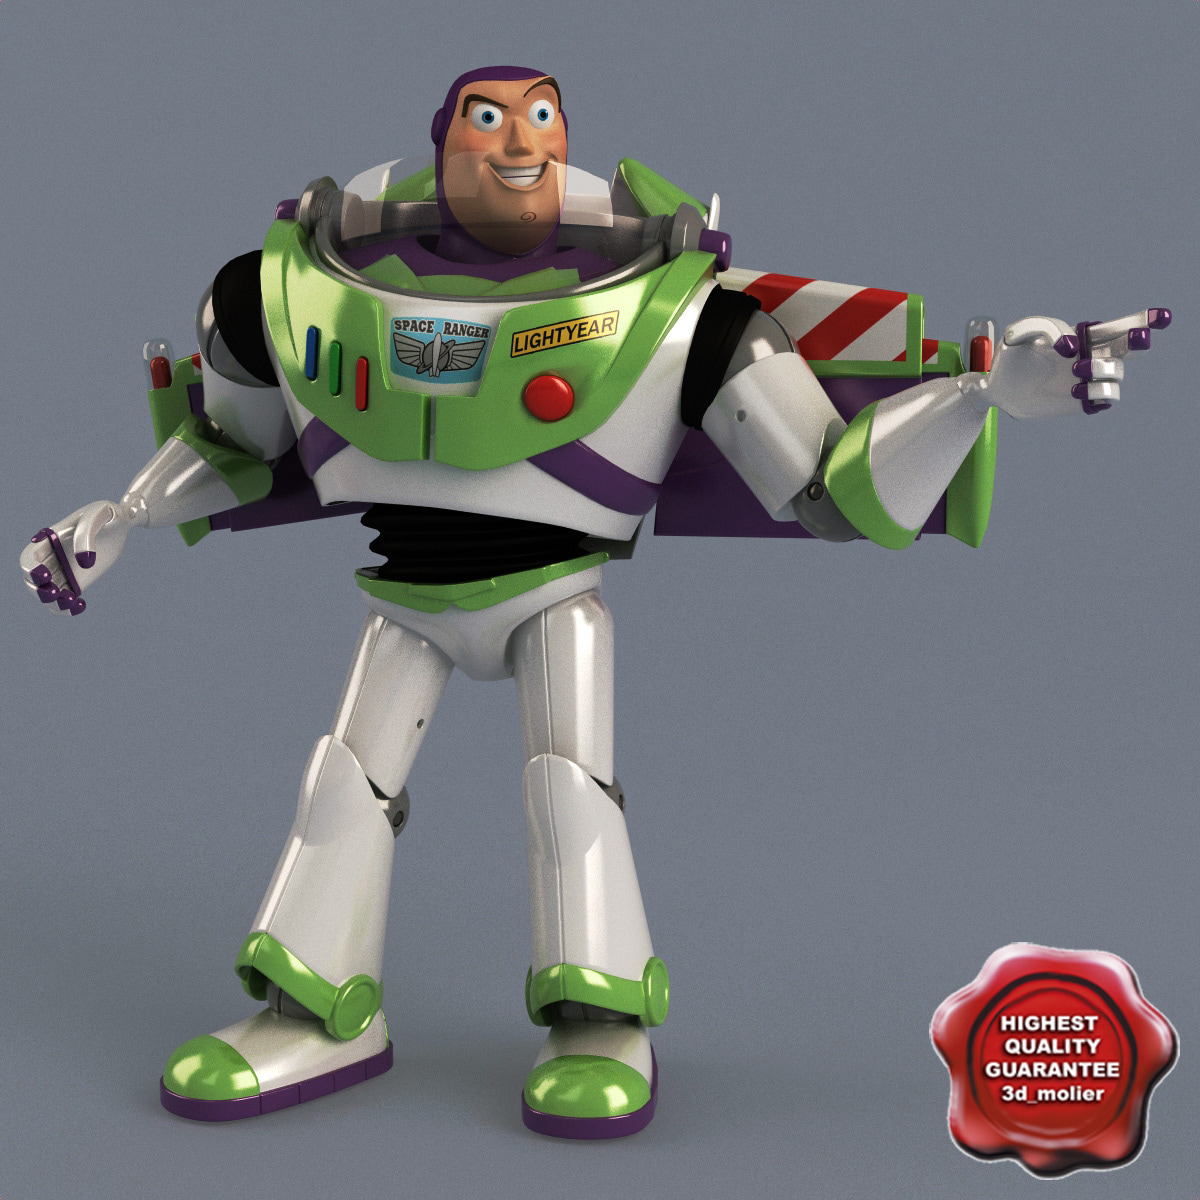 Buzz_Lightyear_Pose2_00.jpg